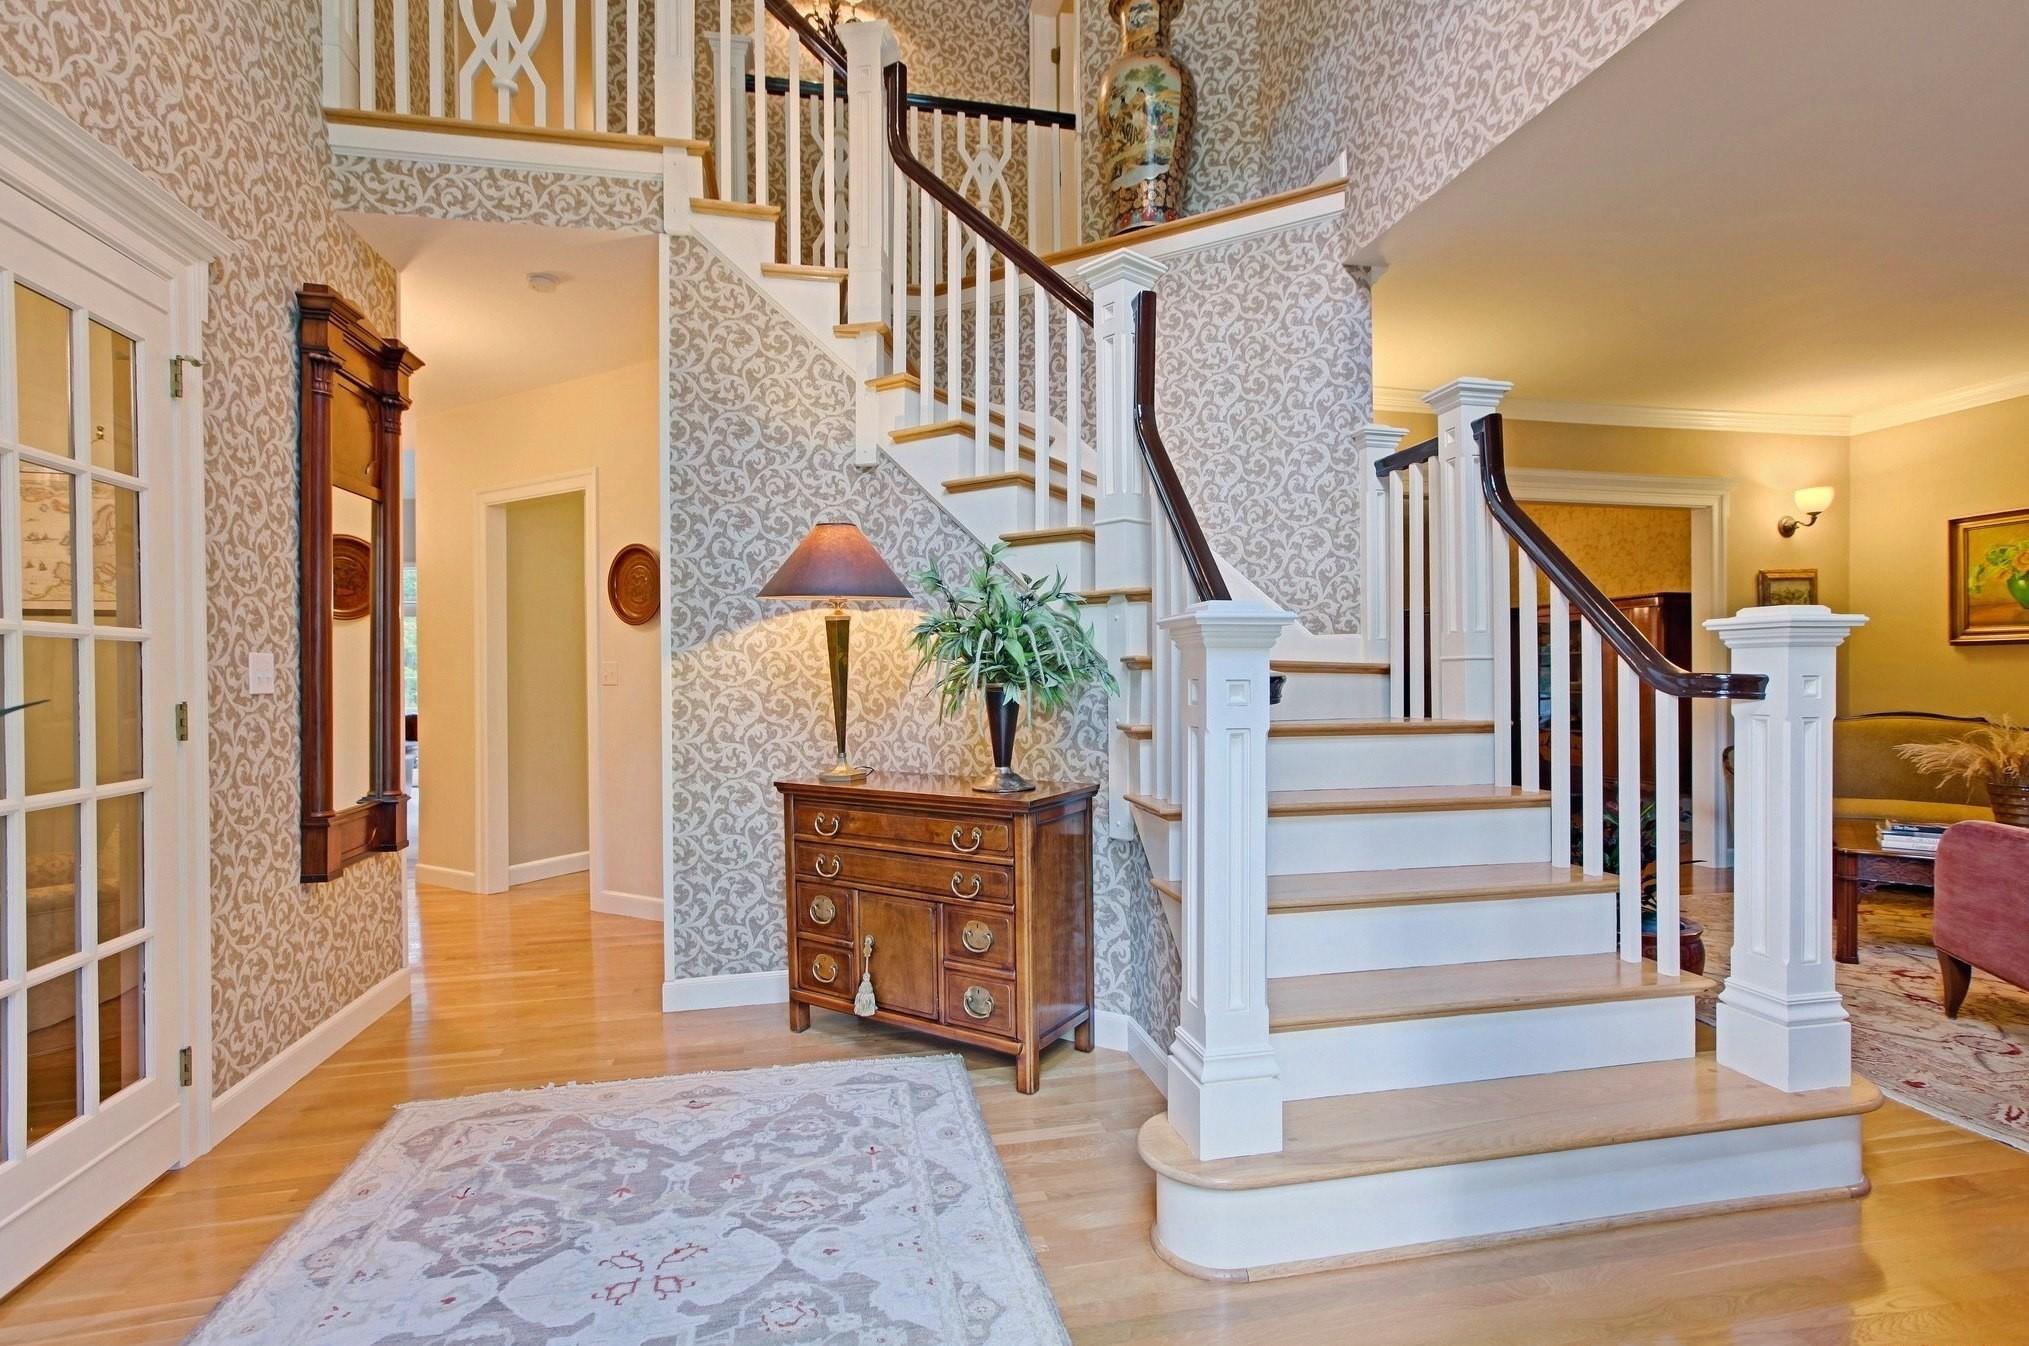 дизайн интерьера холла в доме